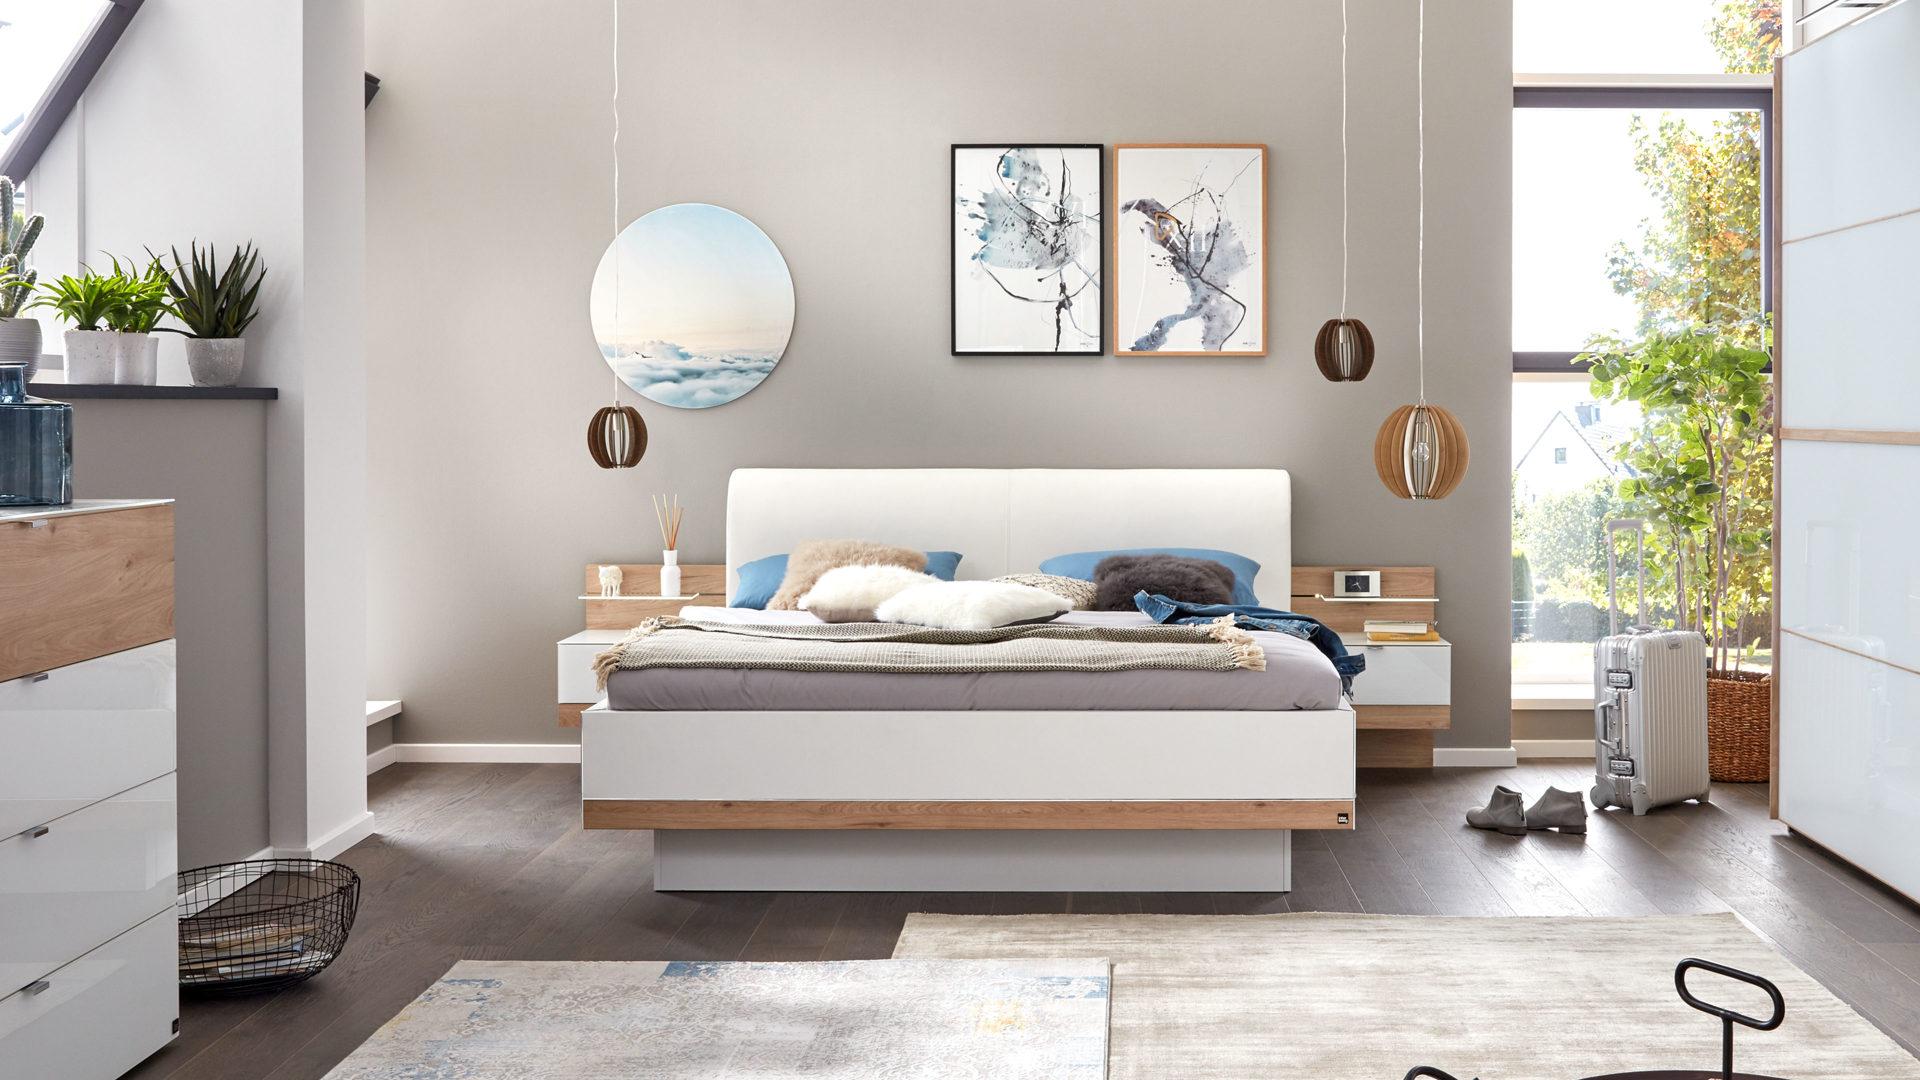 Interliving Schlafzimmer Serie 1010 Doppelbettgestell Mit Nachtkonsolen Polarweiße Jackson Eichefarbene Kunststoffoberfl